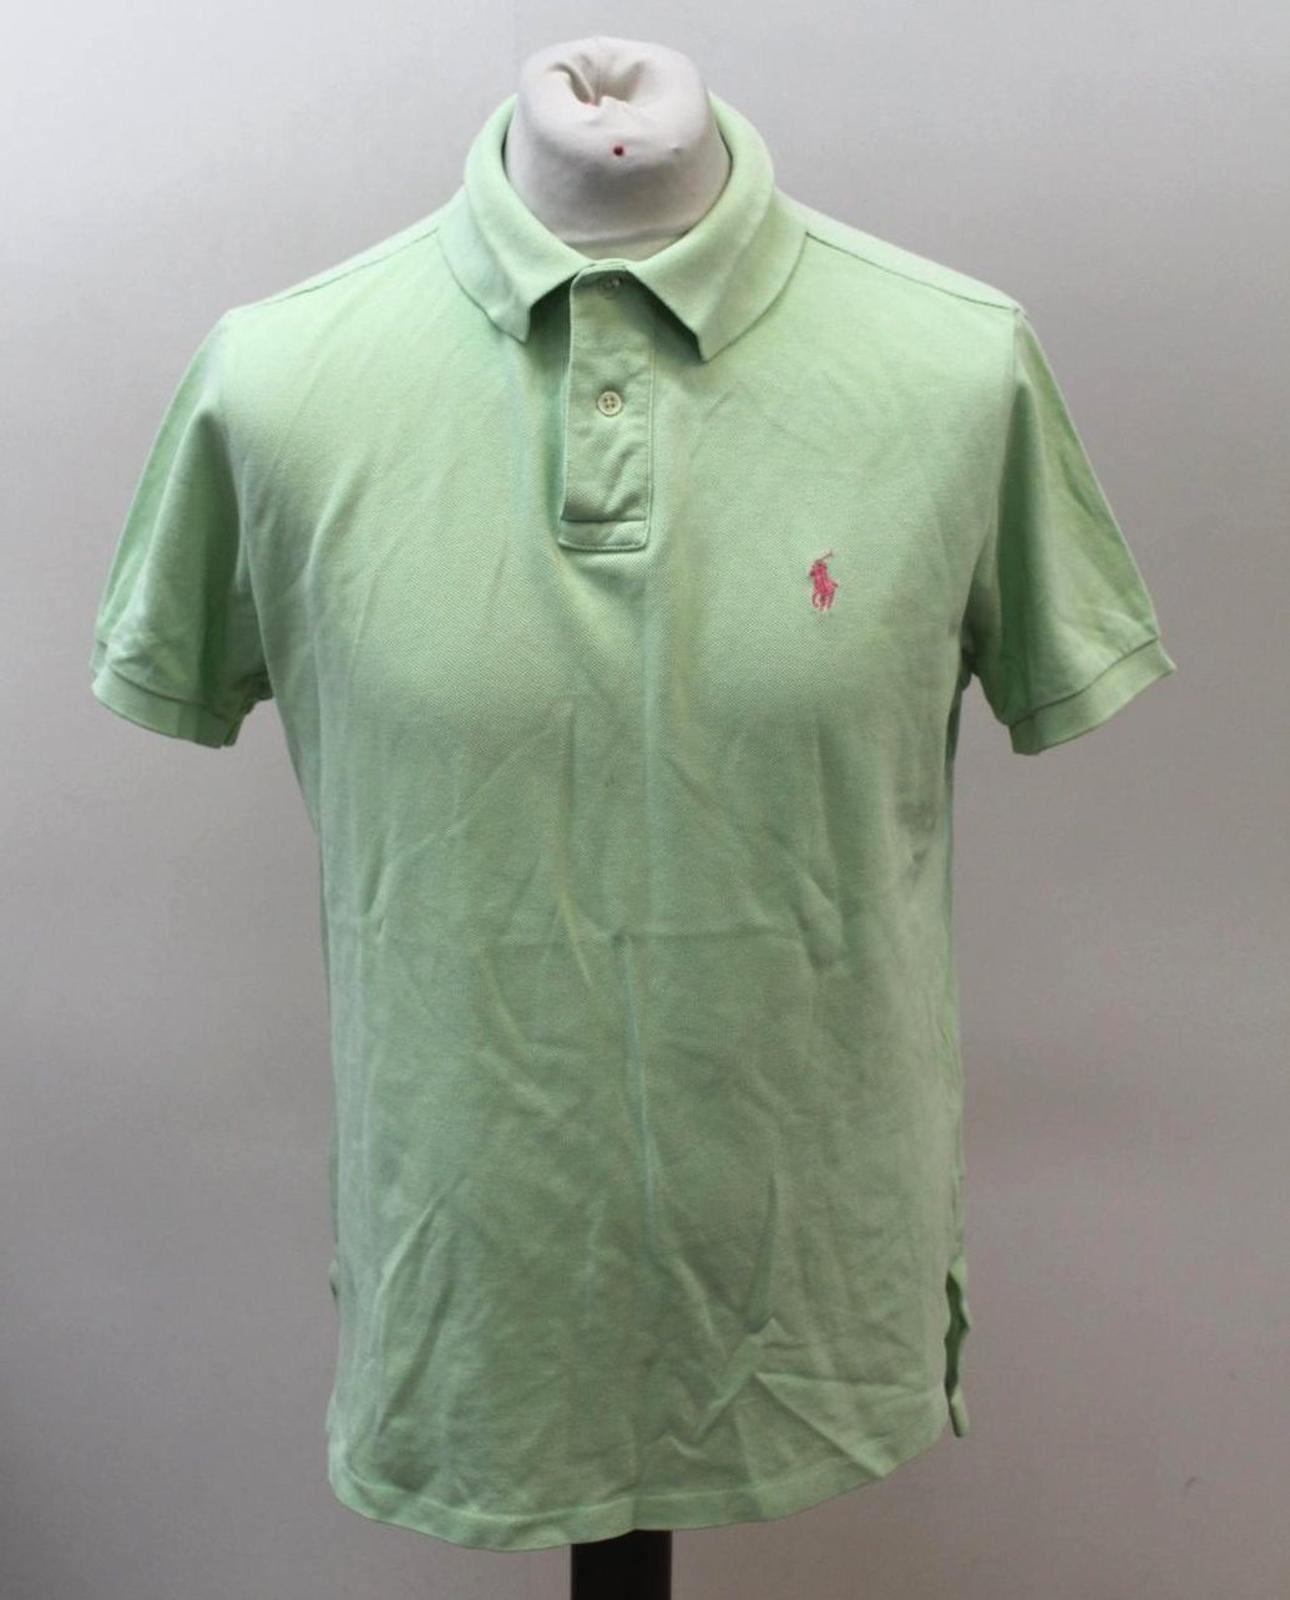 Polo-by-Ralph-Lauren-Hombre-Verde-De-Algodon-Manga-Corta-Con-Cuello-Camisa-Polo-Talla-L